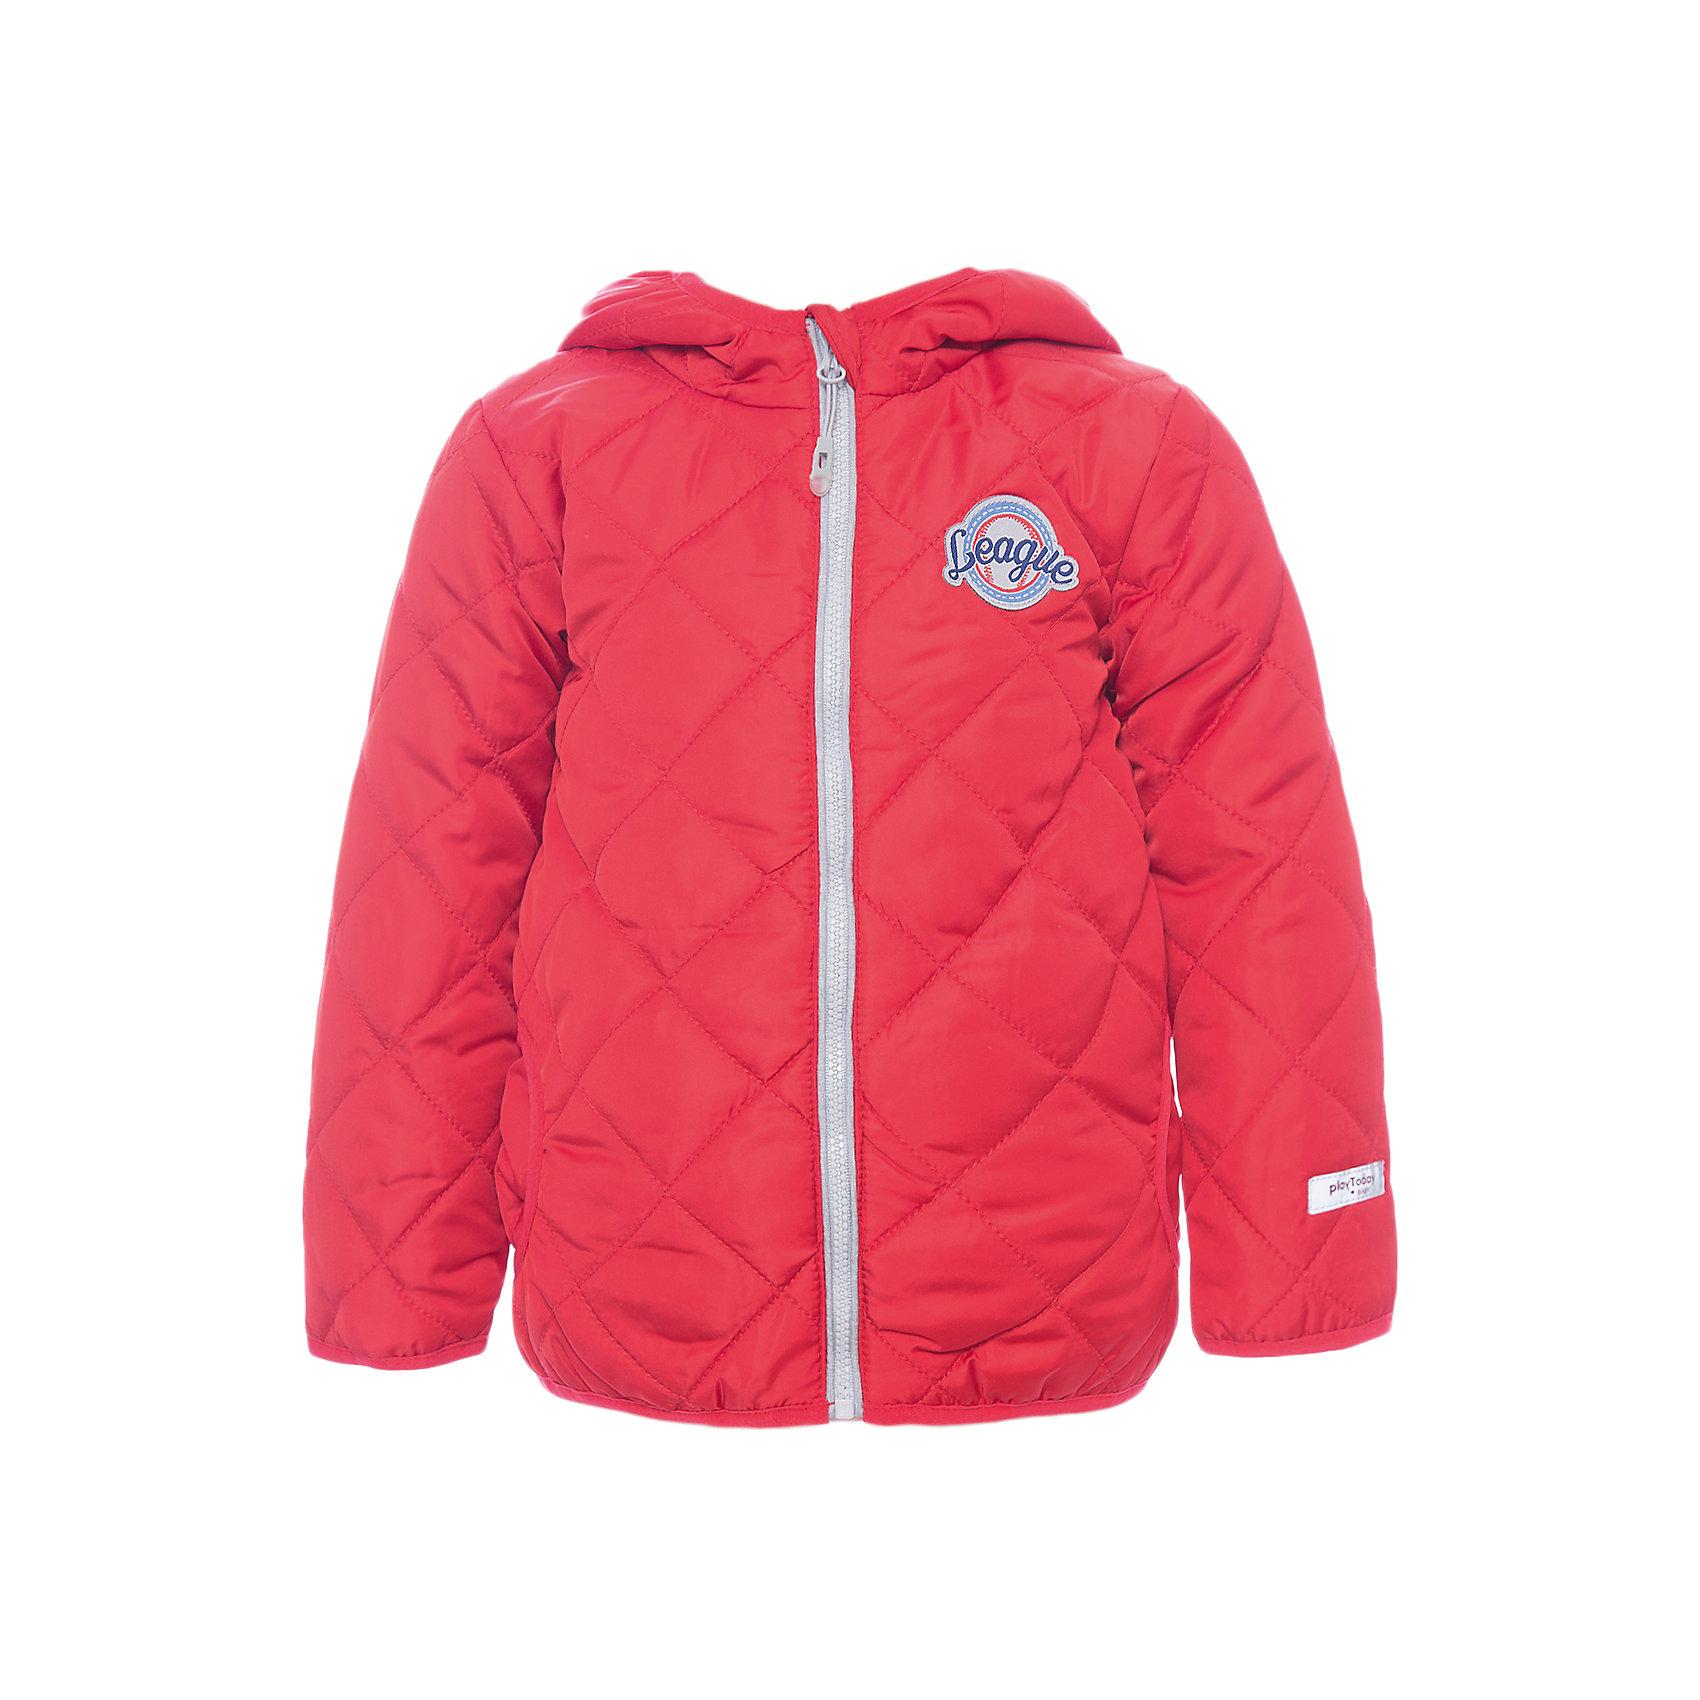 Куртка для мальчика PlayTodayВерхняя одежда<br>Куртка для мальчика PlayToday<br>Утепленная стеганая куртка - прекрасное решение для прохладной погоды. Мягкие трикотажные резинки на рукавах защитят Вашего ребенка - ветер не сможет проникнуть под куртку.  Специальный карман для фиксации застежки-молнии не позволит застежке травмировать нежную детскую кожу. Мягкая резинка на капюшоне не позволит ему упасть с головы вашего ребенка даже во время активных игр. Модель снабжена светоотражателями на рукаве и по низу изделия - Ваш ребенок будет виден даже в темное время сутокПреимущества: Защита подбородка. Специальный карман для фиксации застежки-молнии. Наличие данного кармана не позволит застежке -молнии травмировать нежную кожу ребенкаСветооражательВодоооталкивающая пропитка<br>Состав:<br>Верх: 100% полиэстер, подкладка: 80% хлопок, 20% полиэстер, Утеплитель 100% полиэстер, 150 г/м2<br><br>Ширина мм: 356<br>Глубина мм: 10<br>Высота мм: 245<br>Вес г: 519<br>Цвет: красный<br>Возраст от месяцев: 6<br>Возраст до месяцев: 9<br>Пол: Мужской<br>Возраст: Детский<br>Размер: 74,92,80,86<br>SKU: 5407695